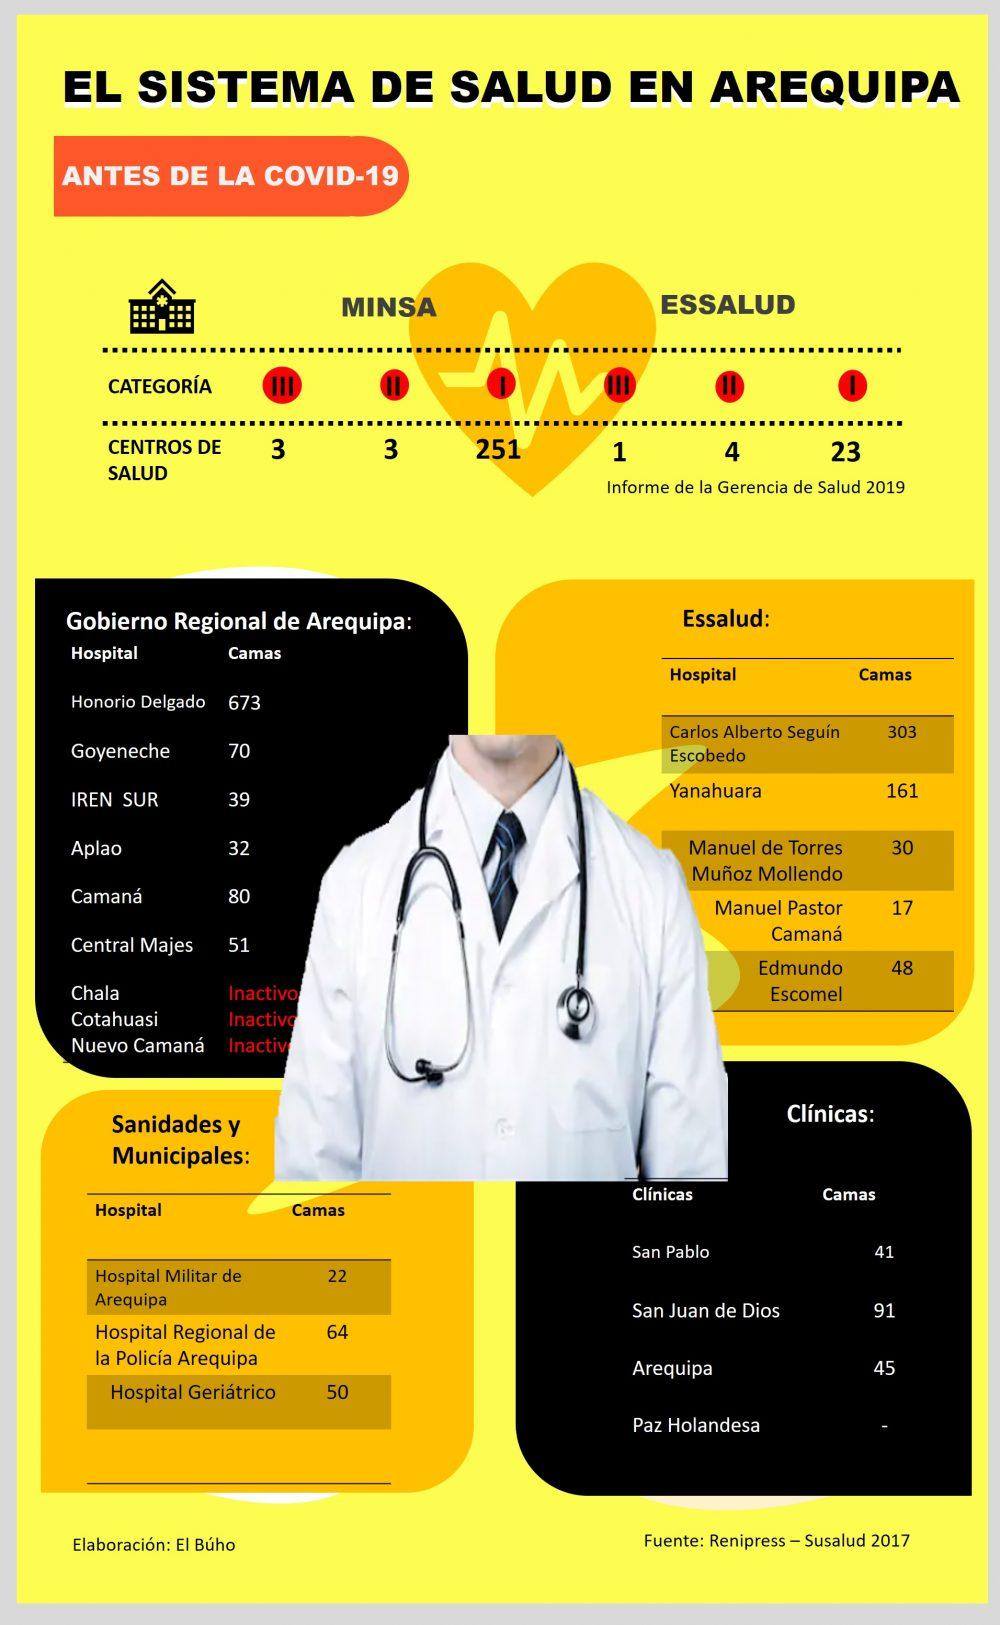 El sistema de salud en Arequipa